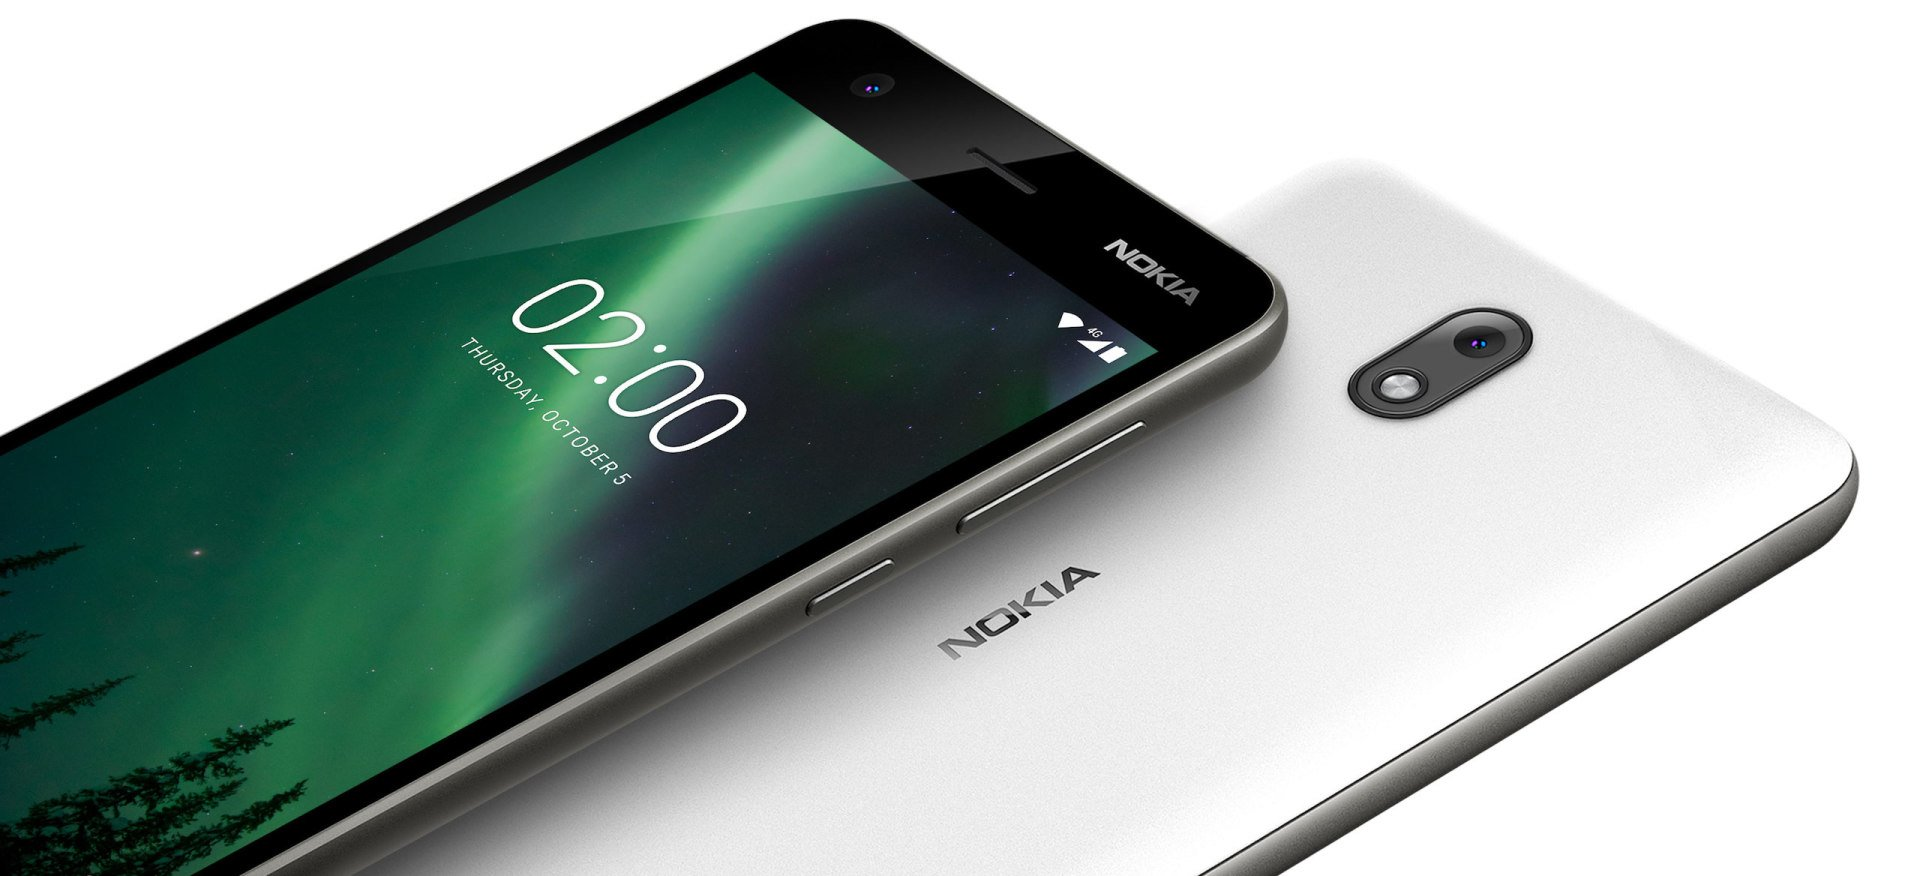 Nokia 1 nadchodzi. Powinna działać nawet lepiej niż Nokia 2 28